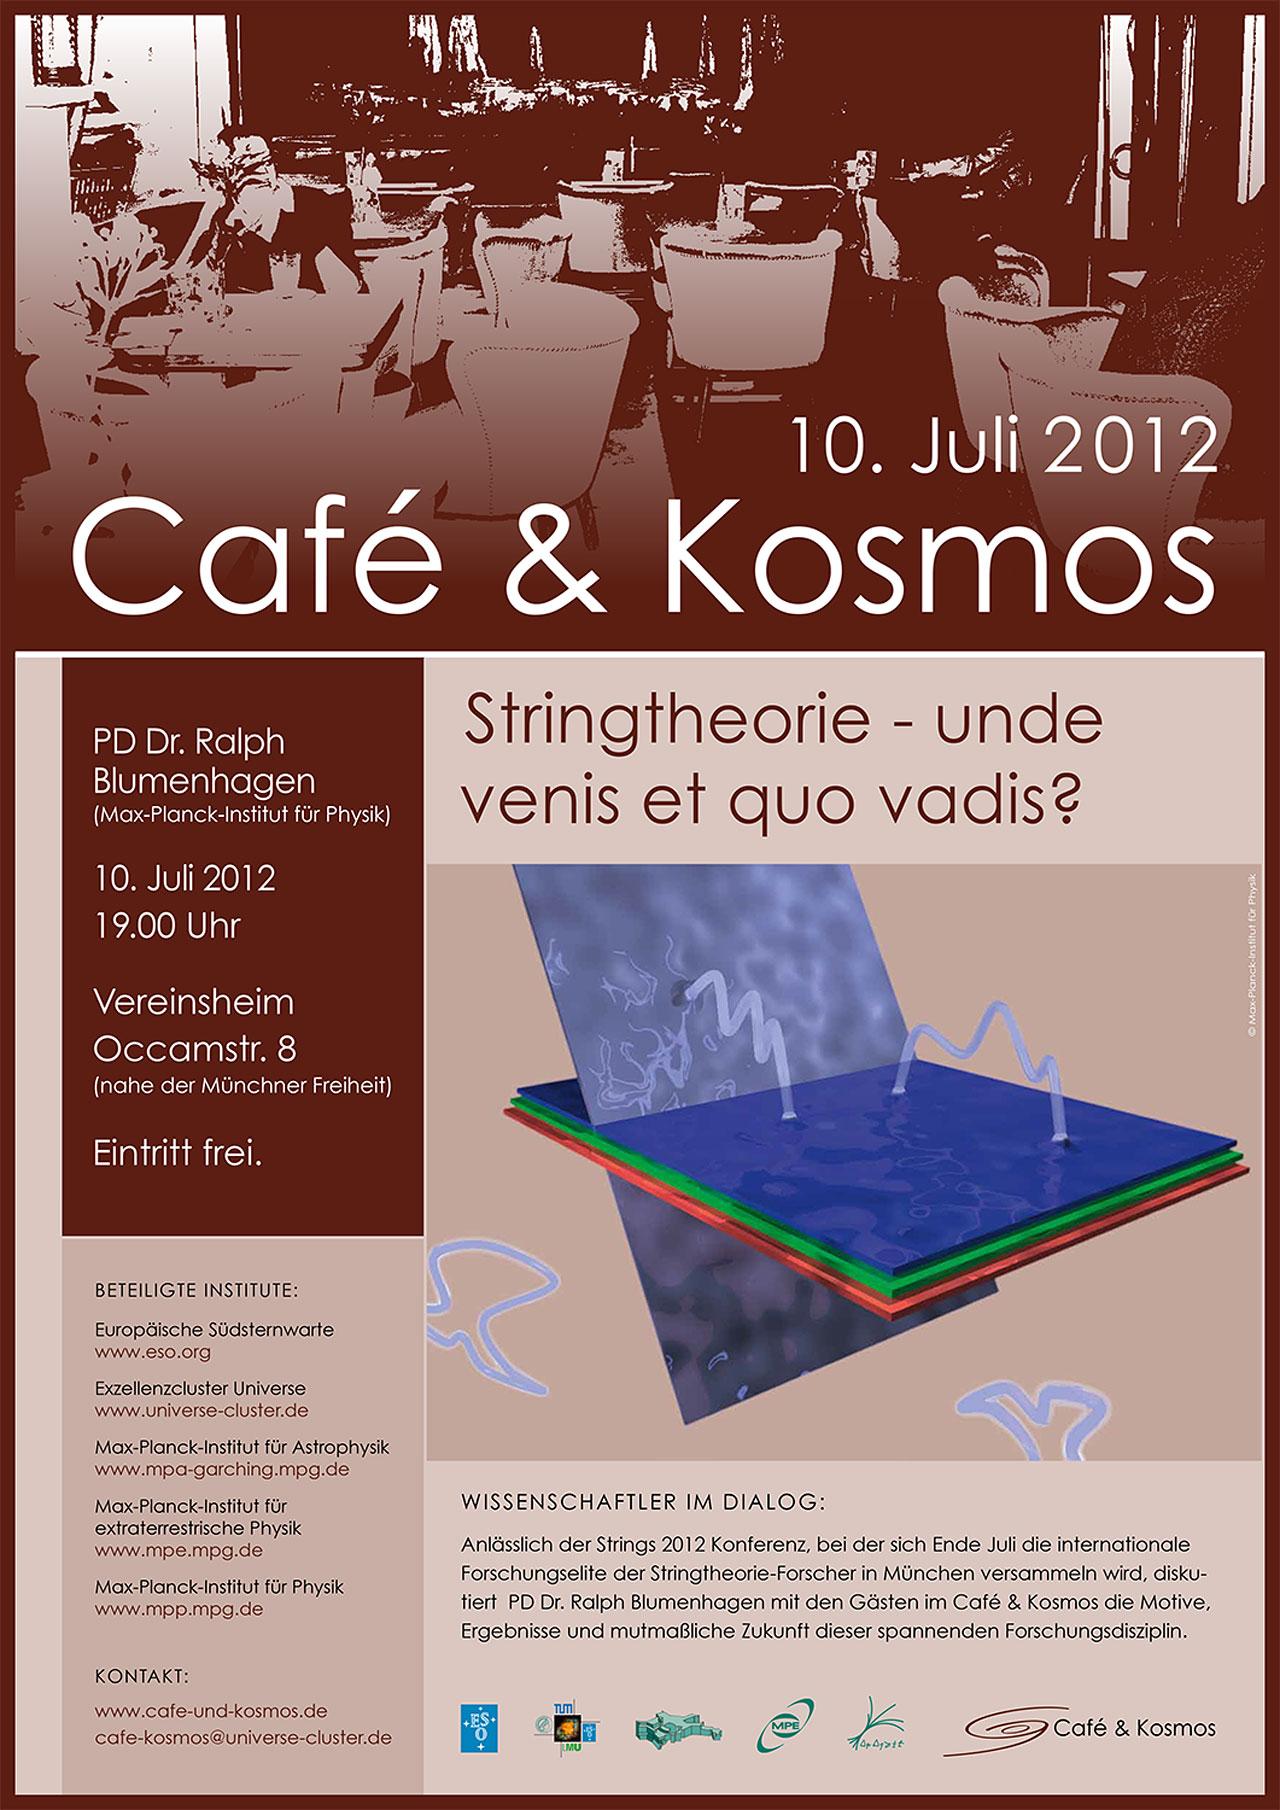 Poster zu Café & Kosmos am 10. Juli 2012